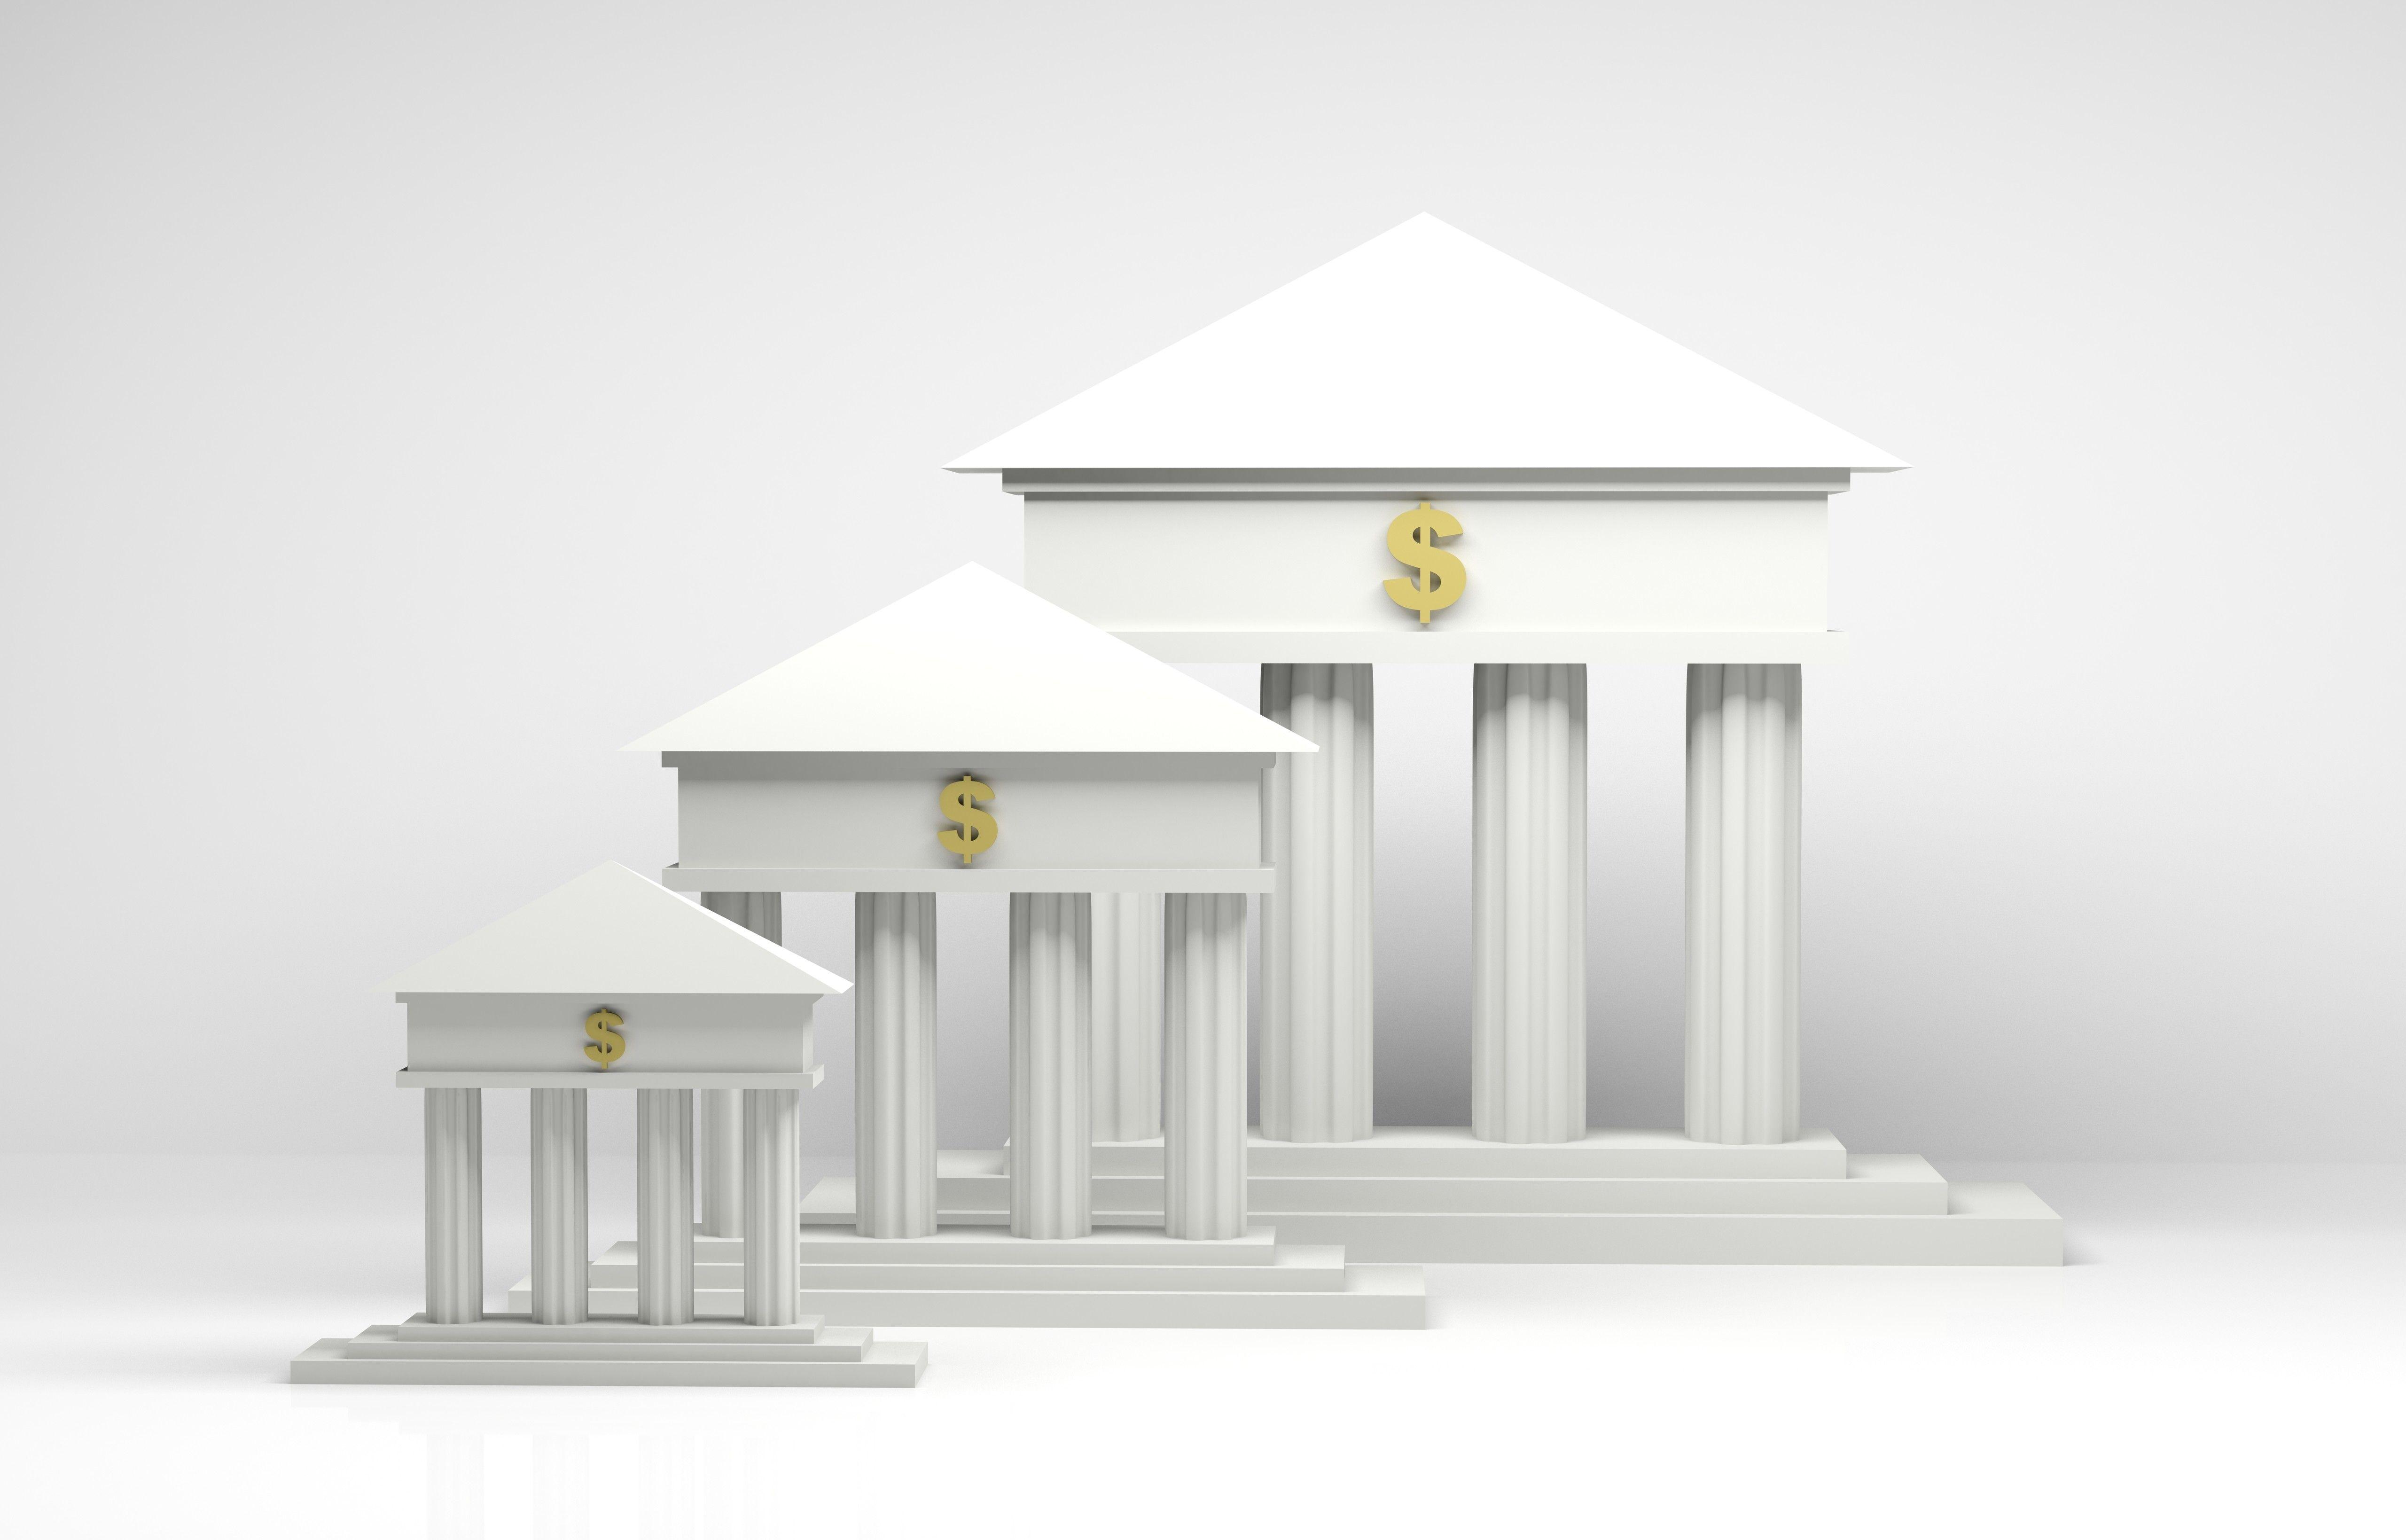 Lietuvoje galime tur�ti nauj� did�iausi� bank�